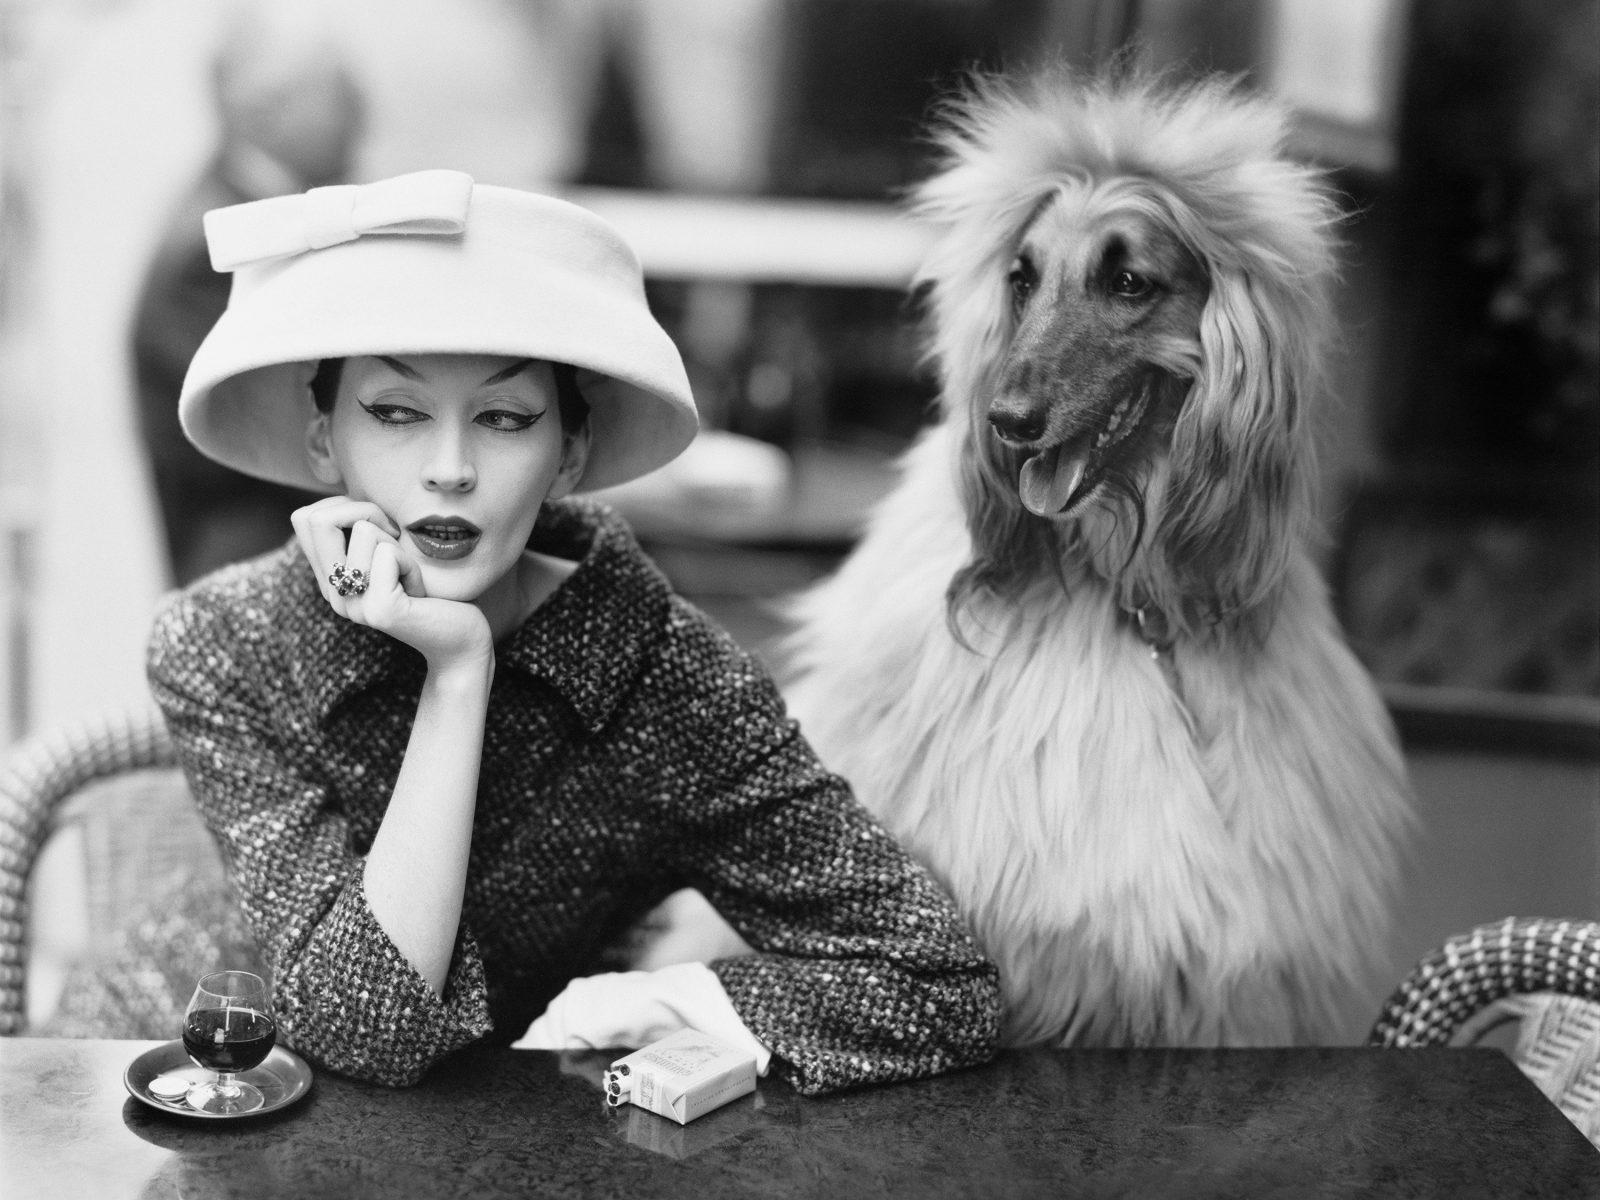 Dovima with Sacha, cloche and suit by Balenciaga, Café des Deux Magots, Paris, 1955